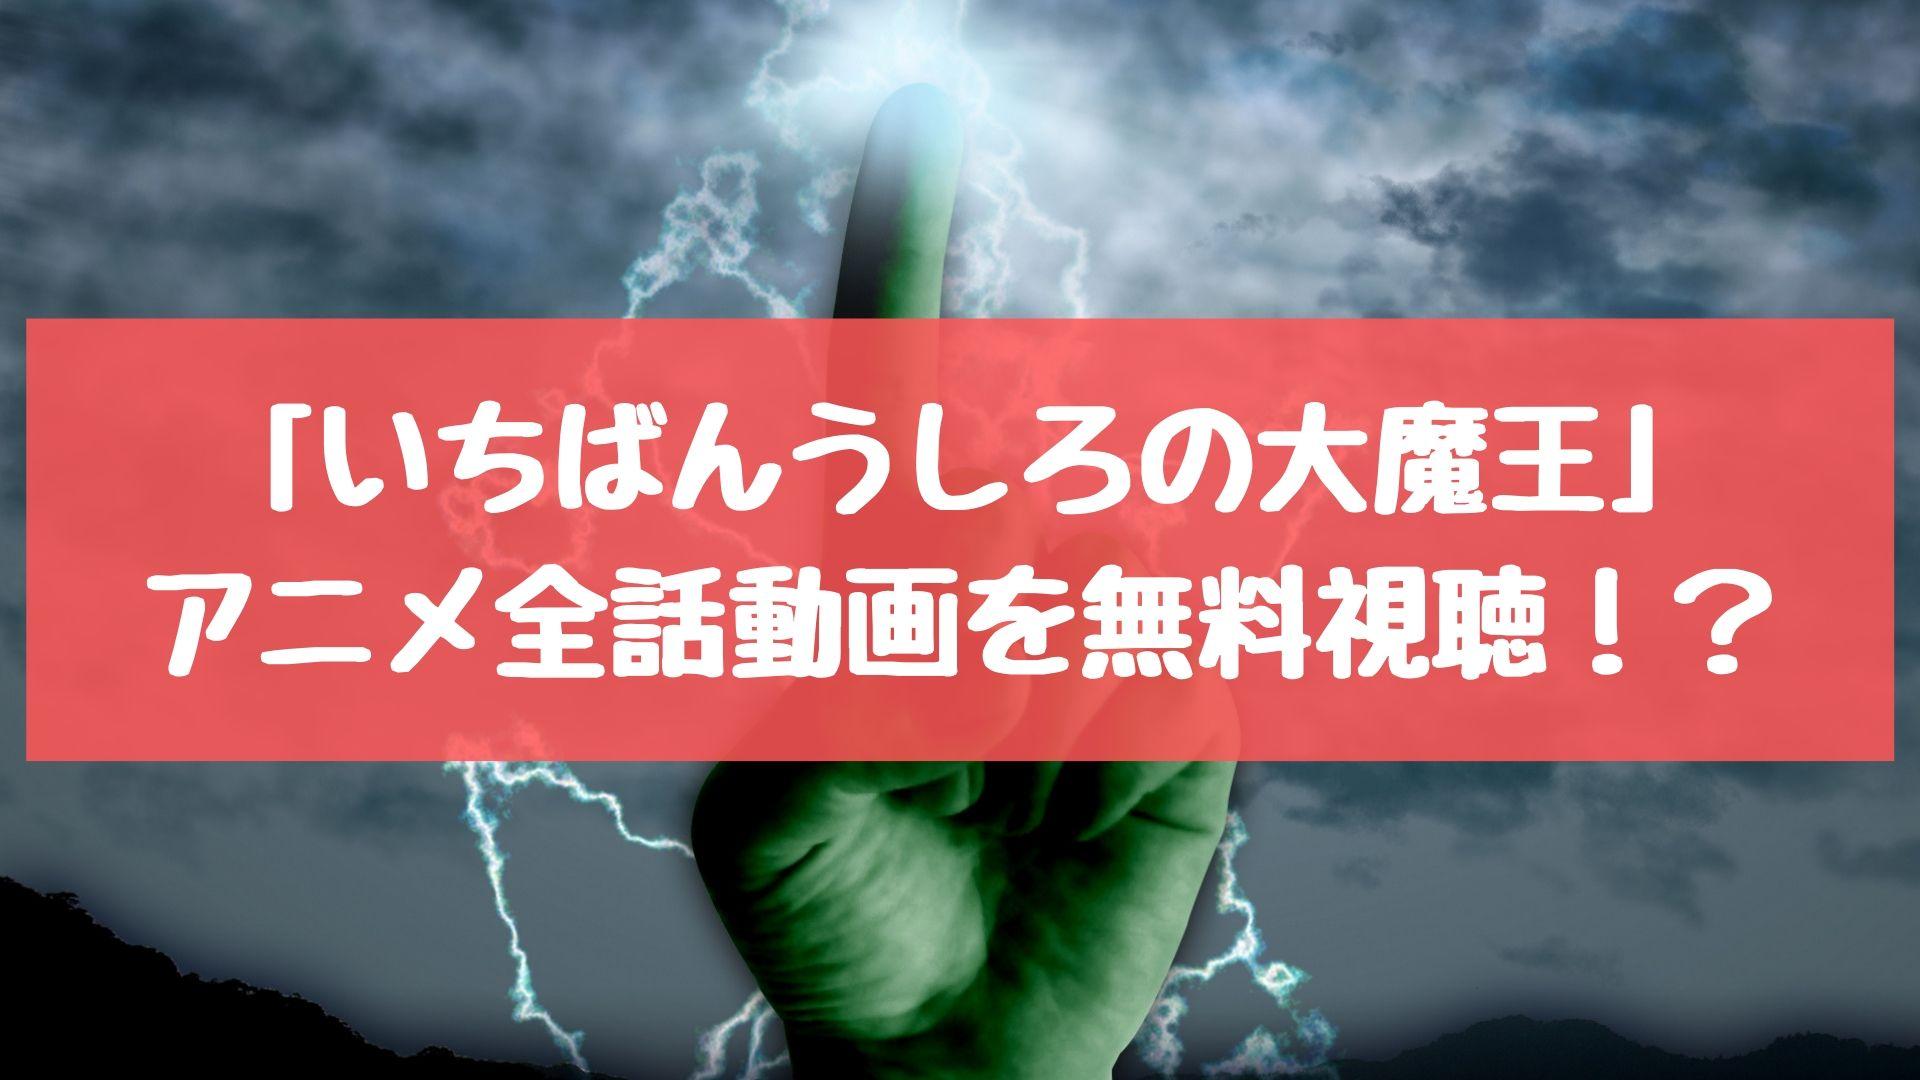 「いちばんうしろの大魔王」アニメ全話動画を無料視聴!?アニポ・Anitubeより優秀